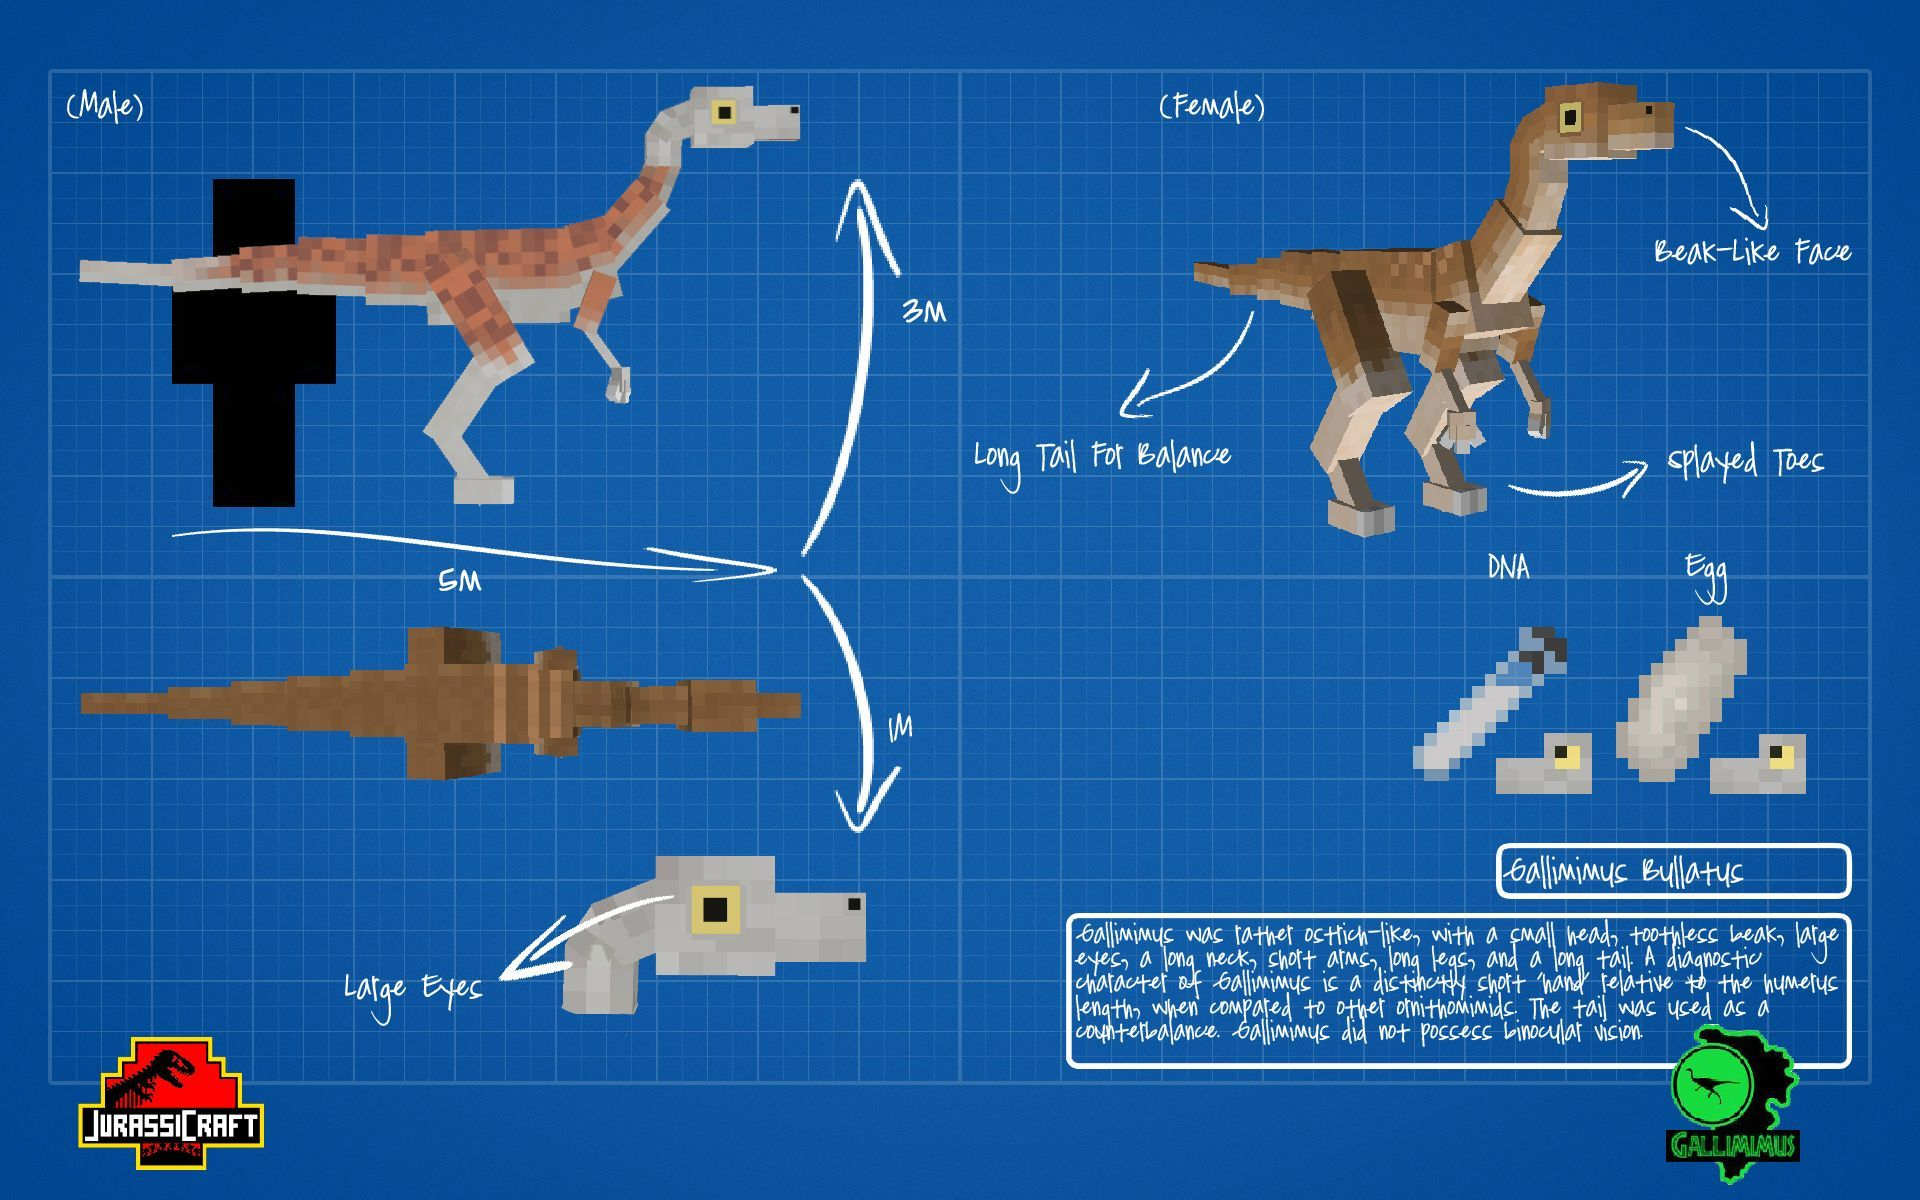 Velociraptor Minecraft Pixel Art - Year of Clean Water